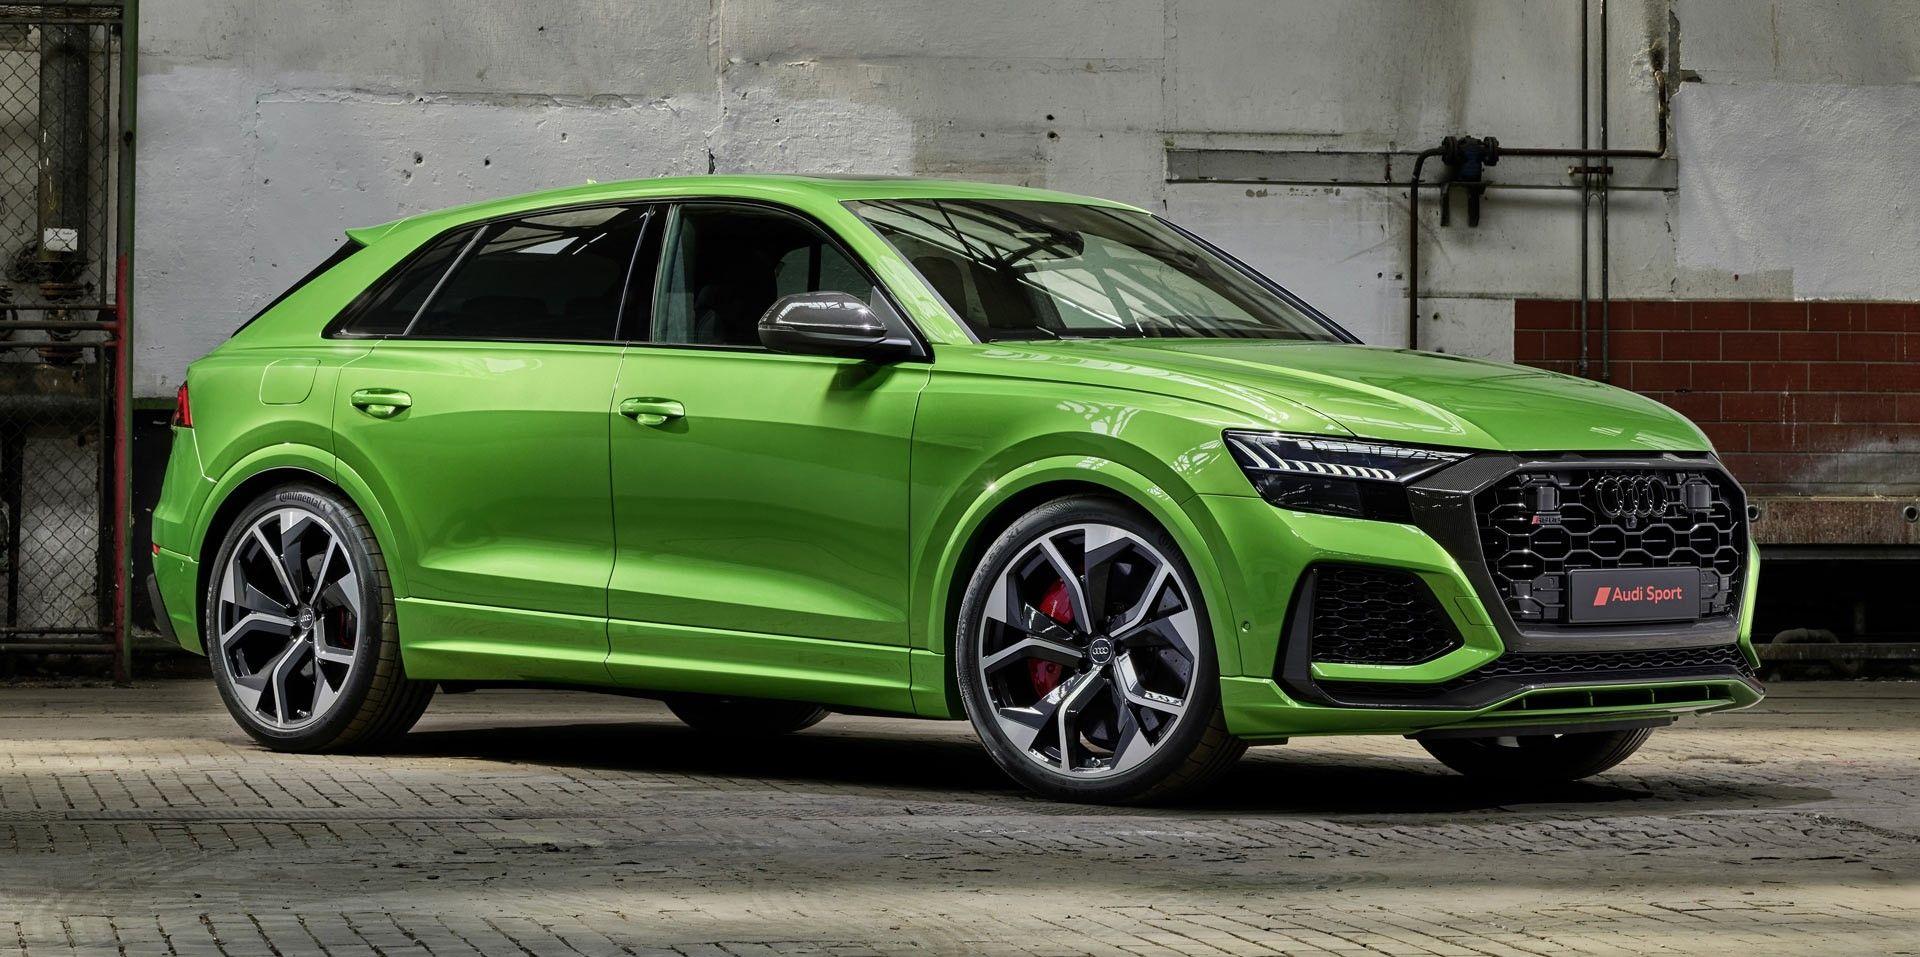 Audi Rs Q8 600 Cv Para El Primo Aleman Del Urus